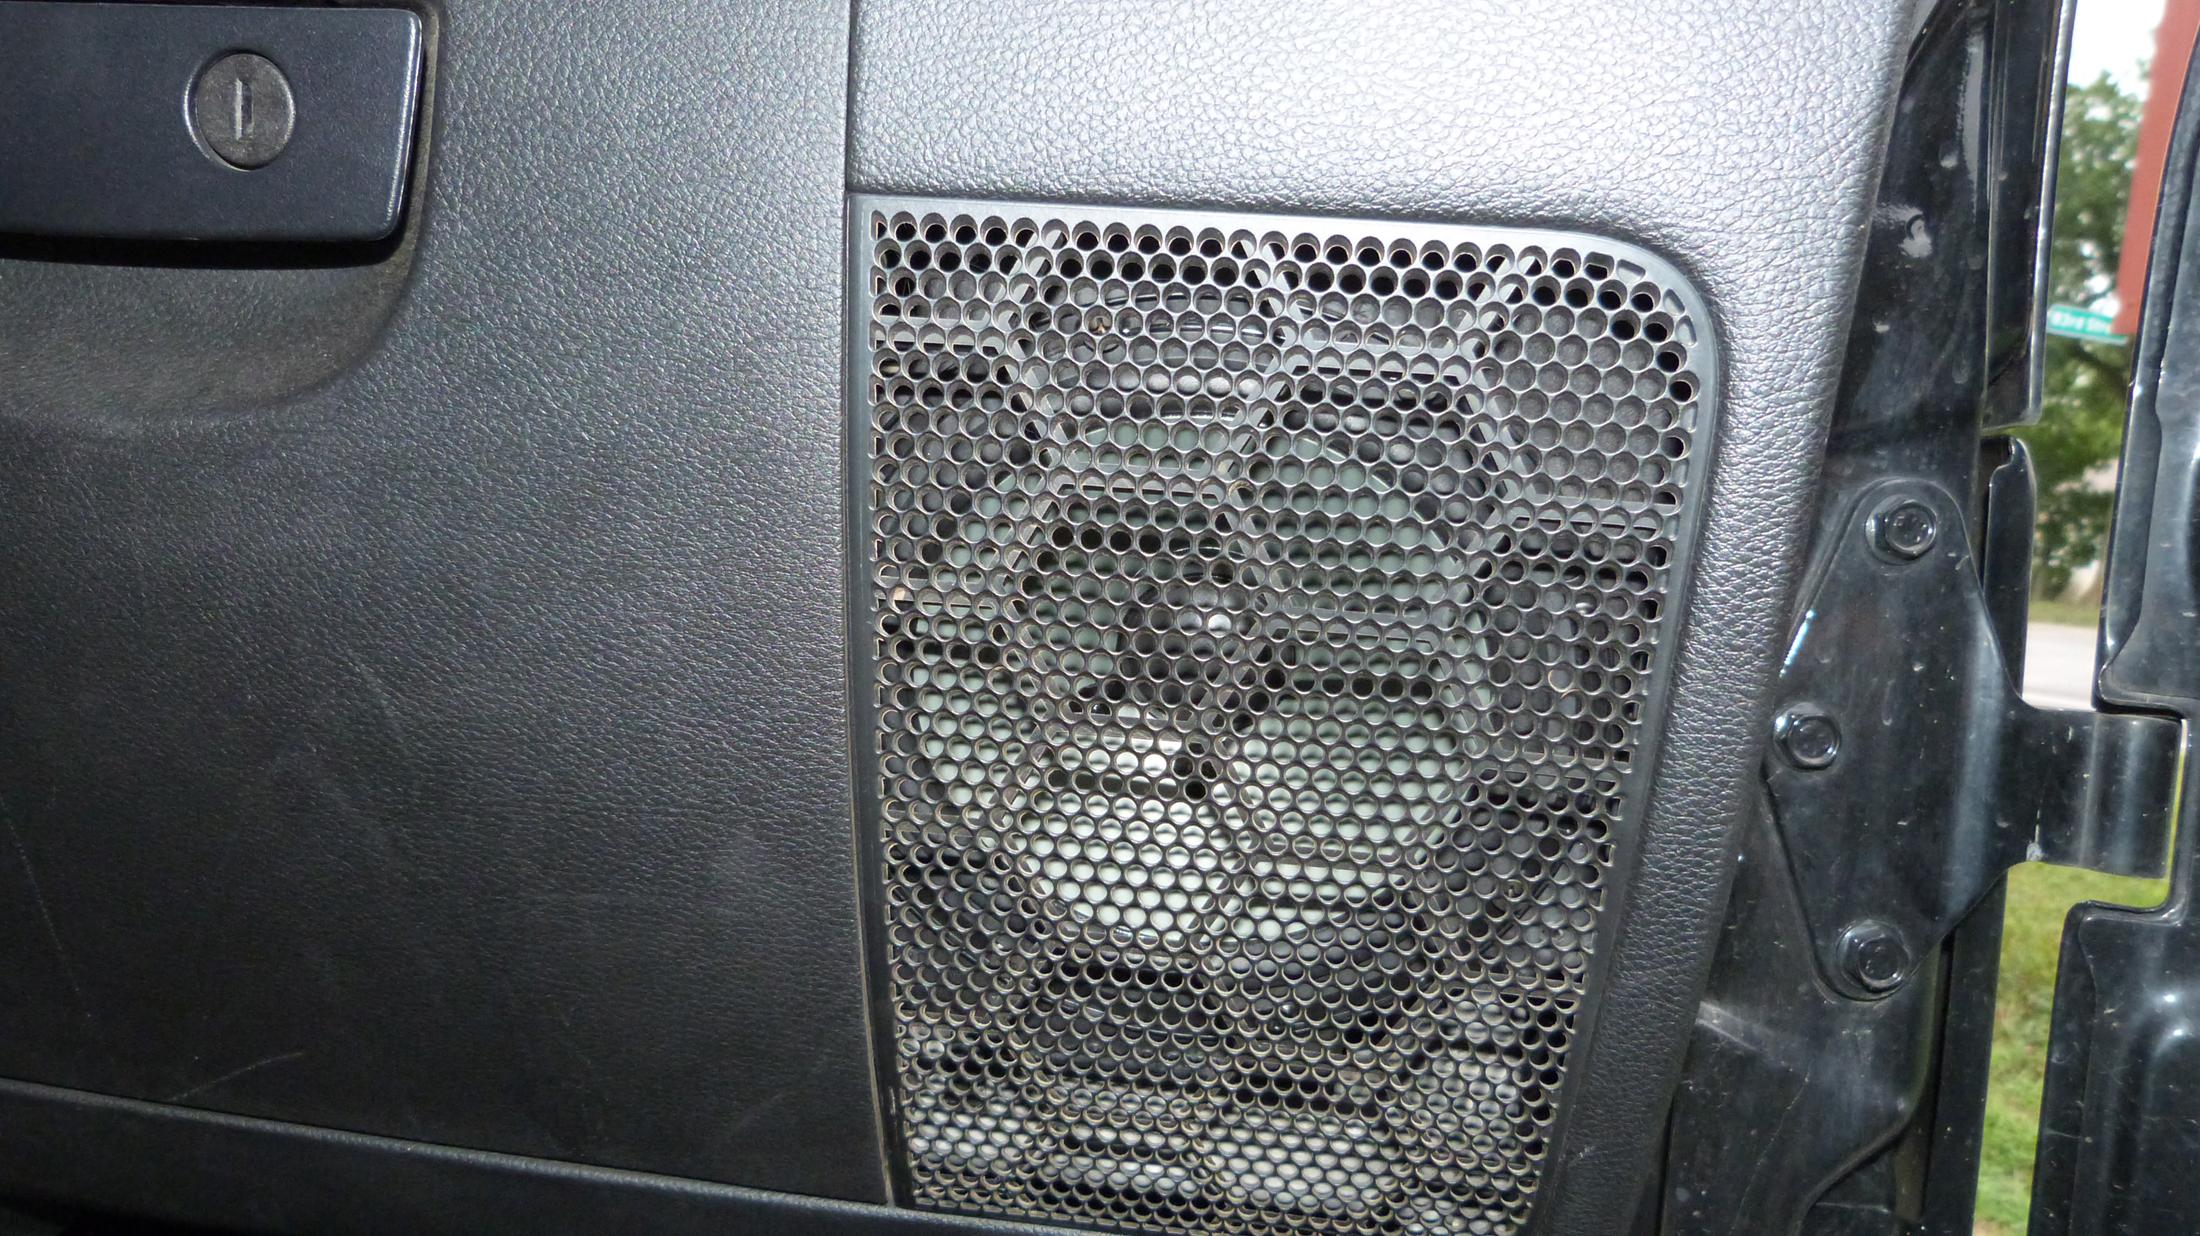 Jeep Wrangler Unlimited Santa Fe Auto Sound